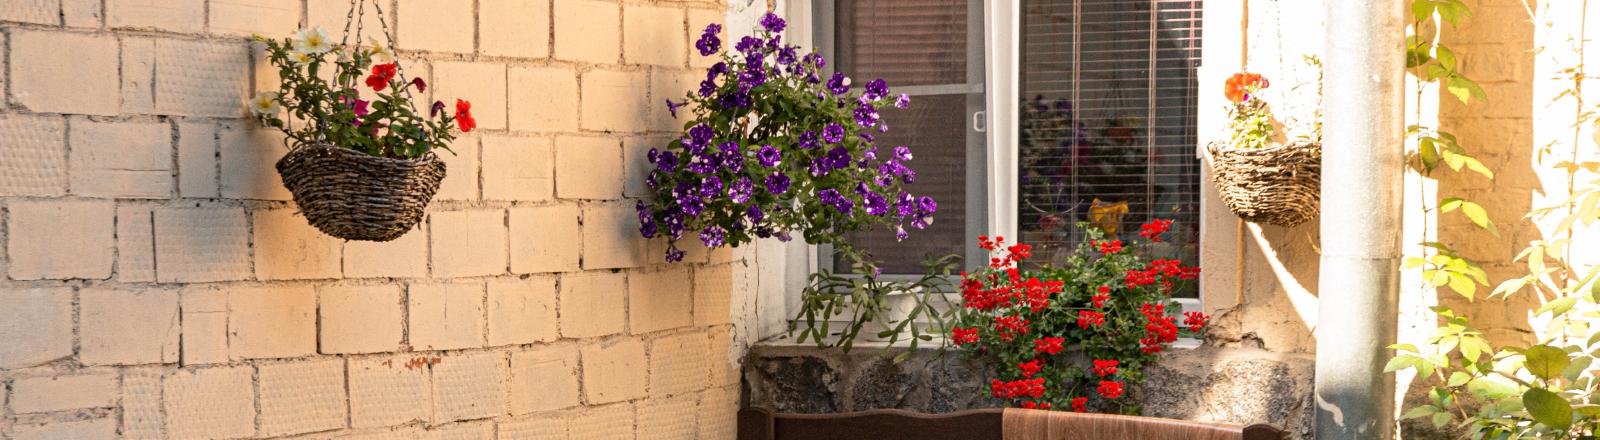 Blumen auf einer Terasse